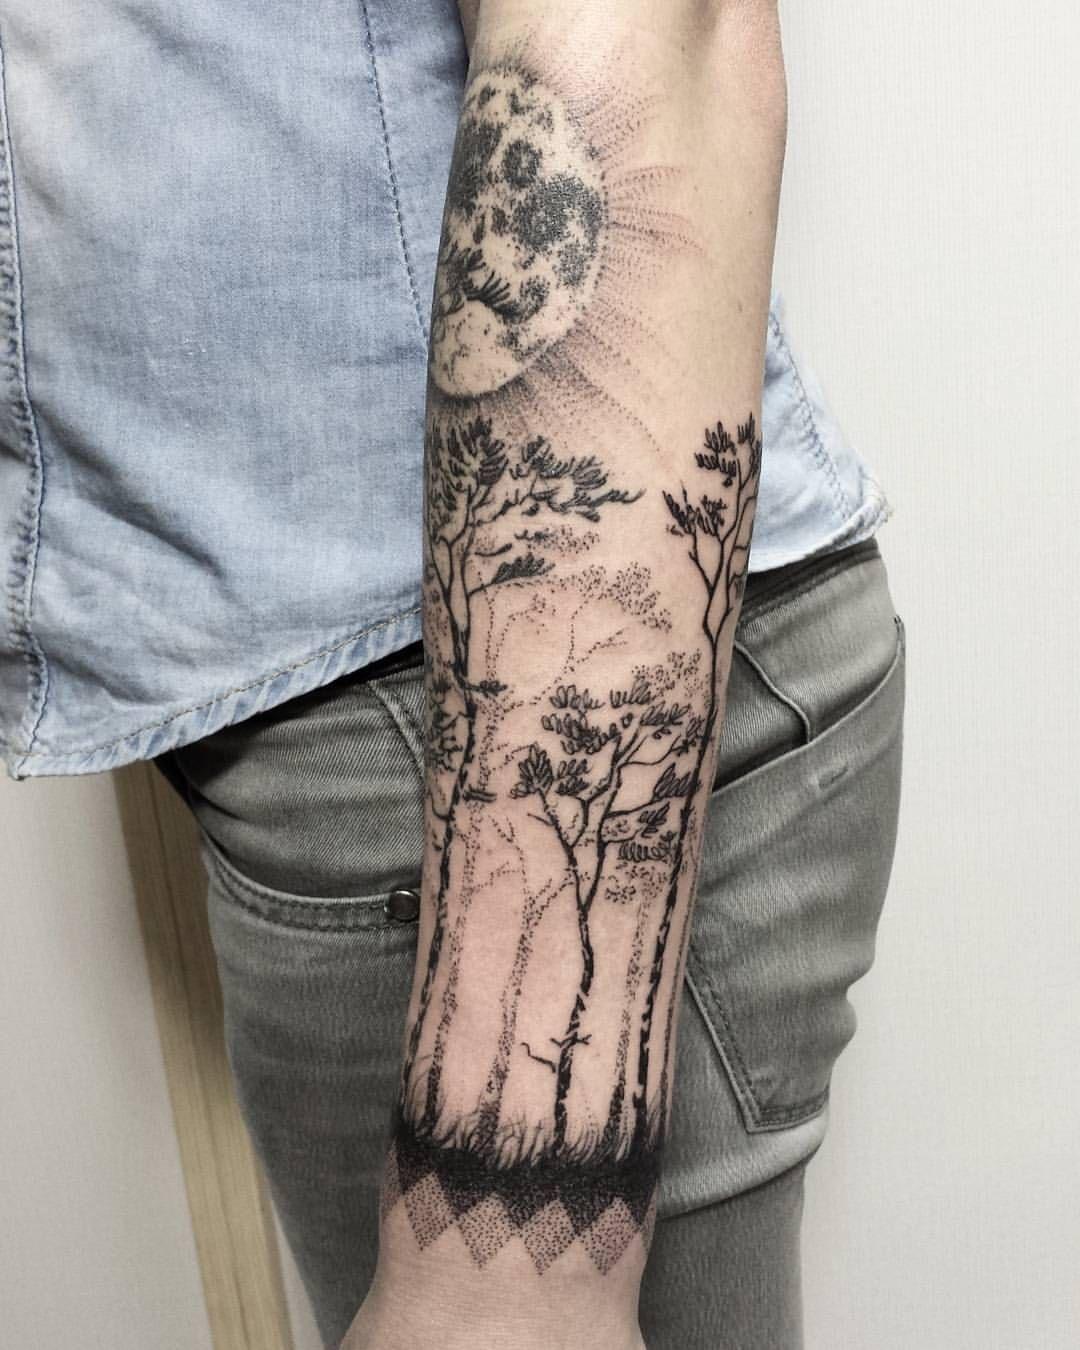 """cdee0d7d3 Polubienia: 148, komentarze: 3 – HIPNER (@hipner.magdalena) na Instagramie:  """"2 #las #wilk #księżyc #drzewa #tatuaż #trees #forest #tattoo #black #moon  #wolf ..."""